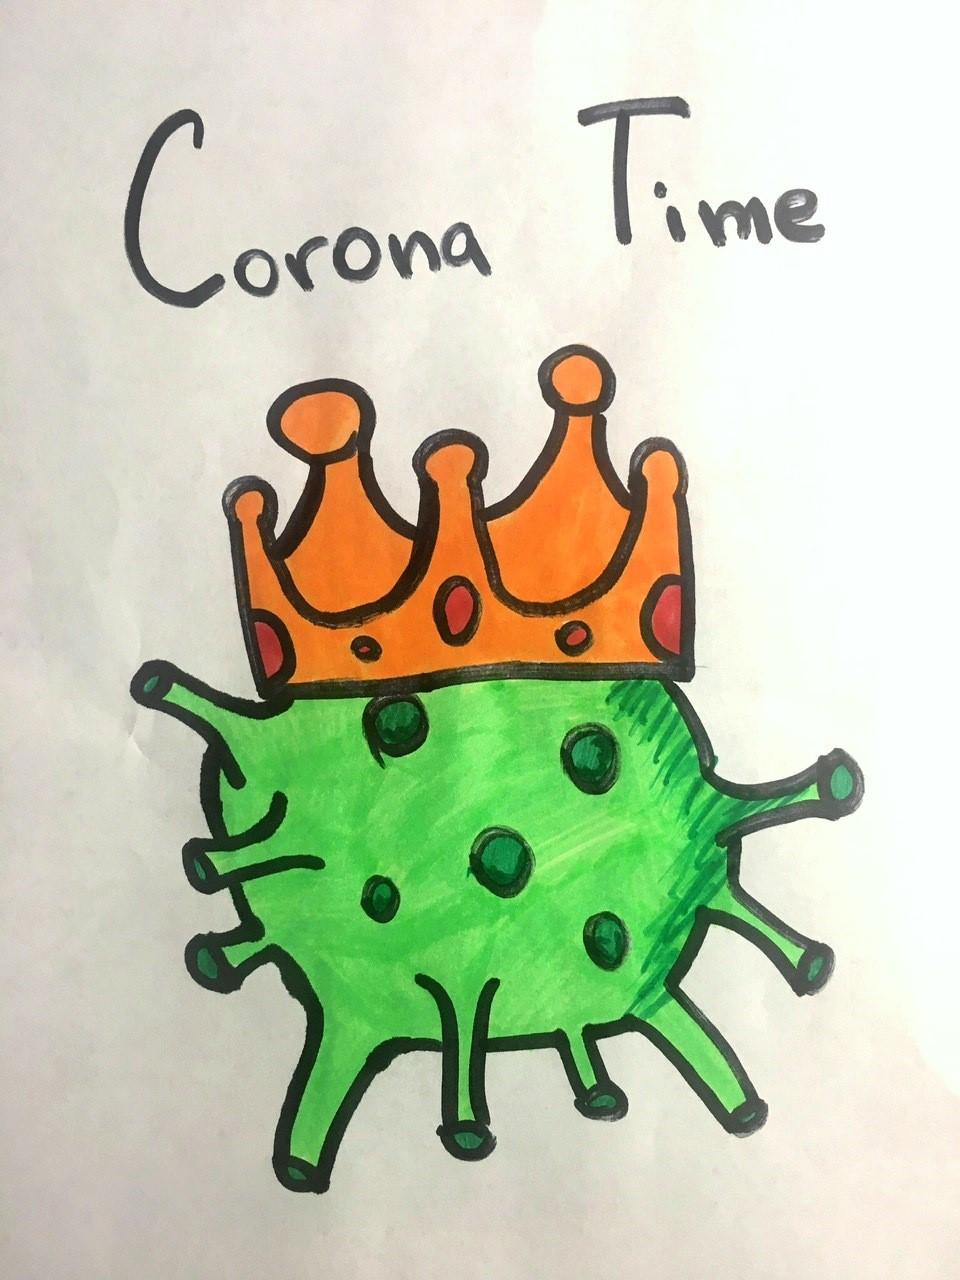 It's #CoronaTime